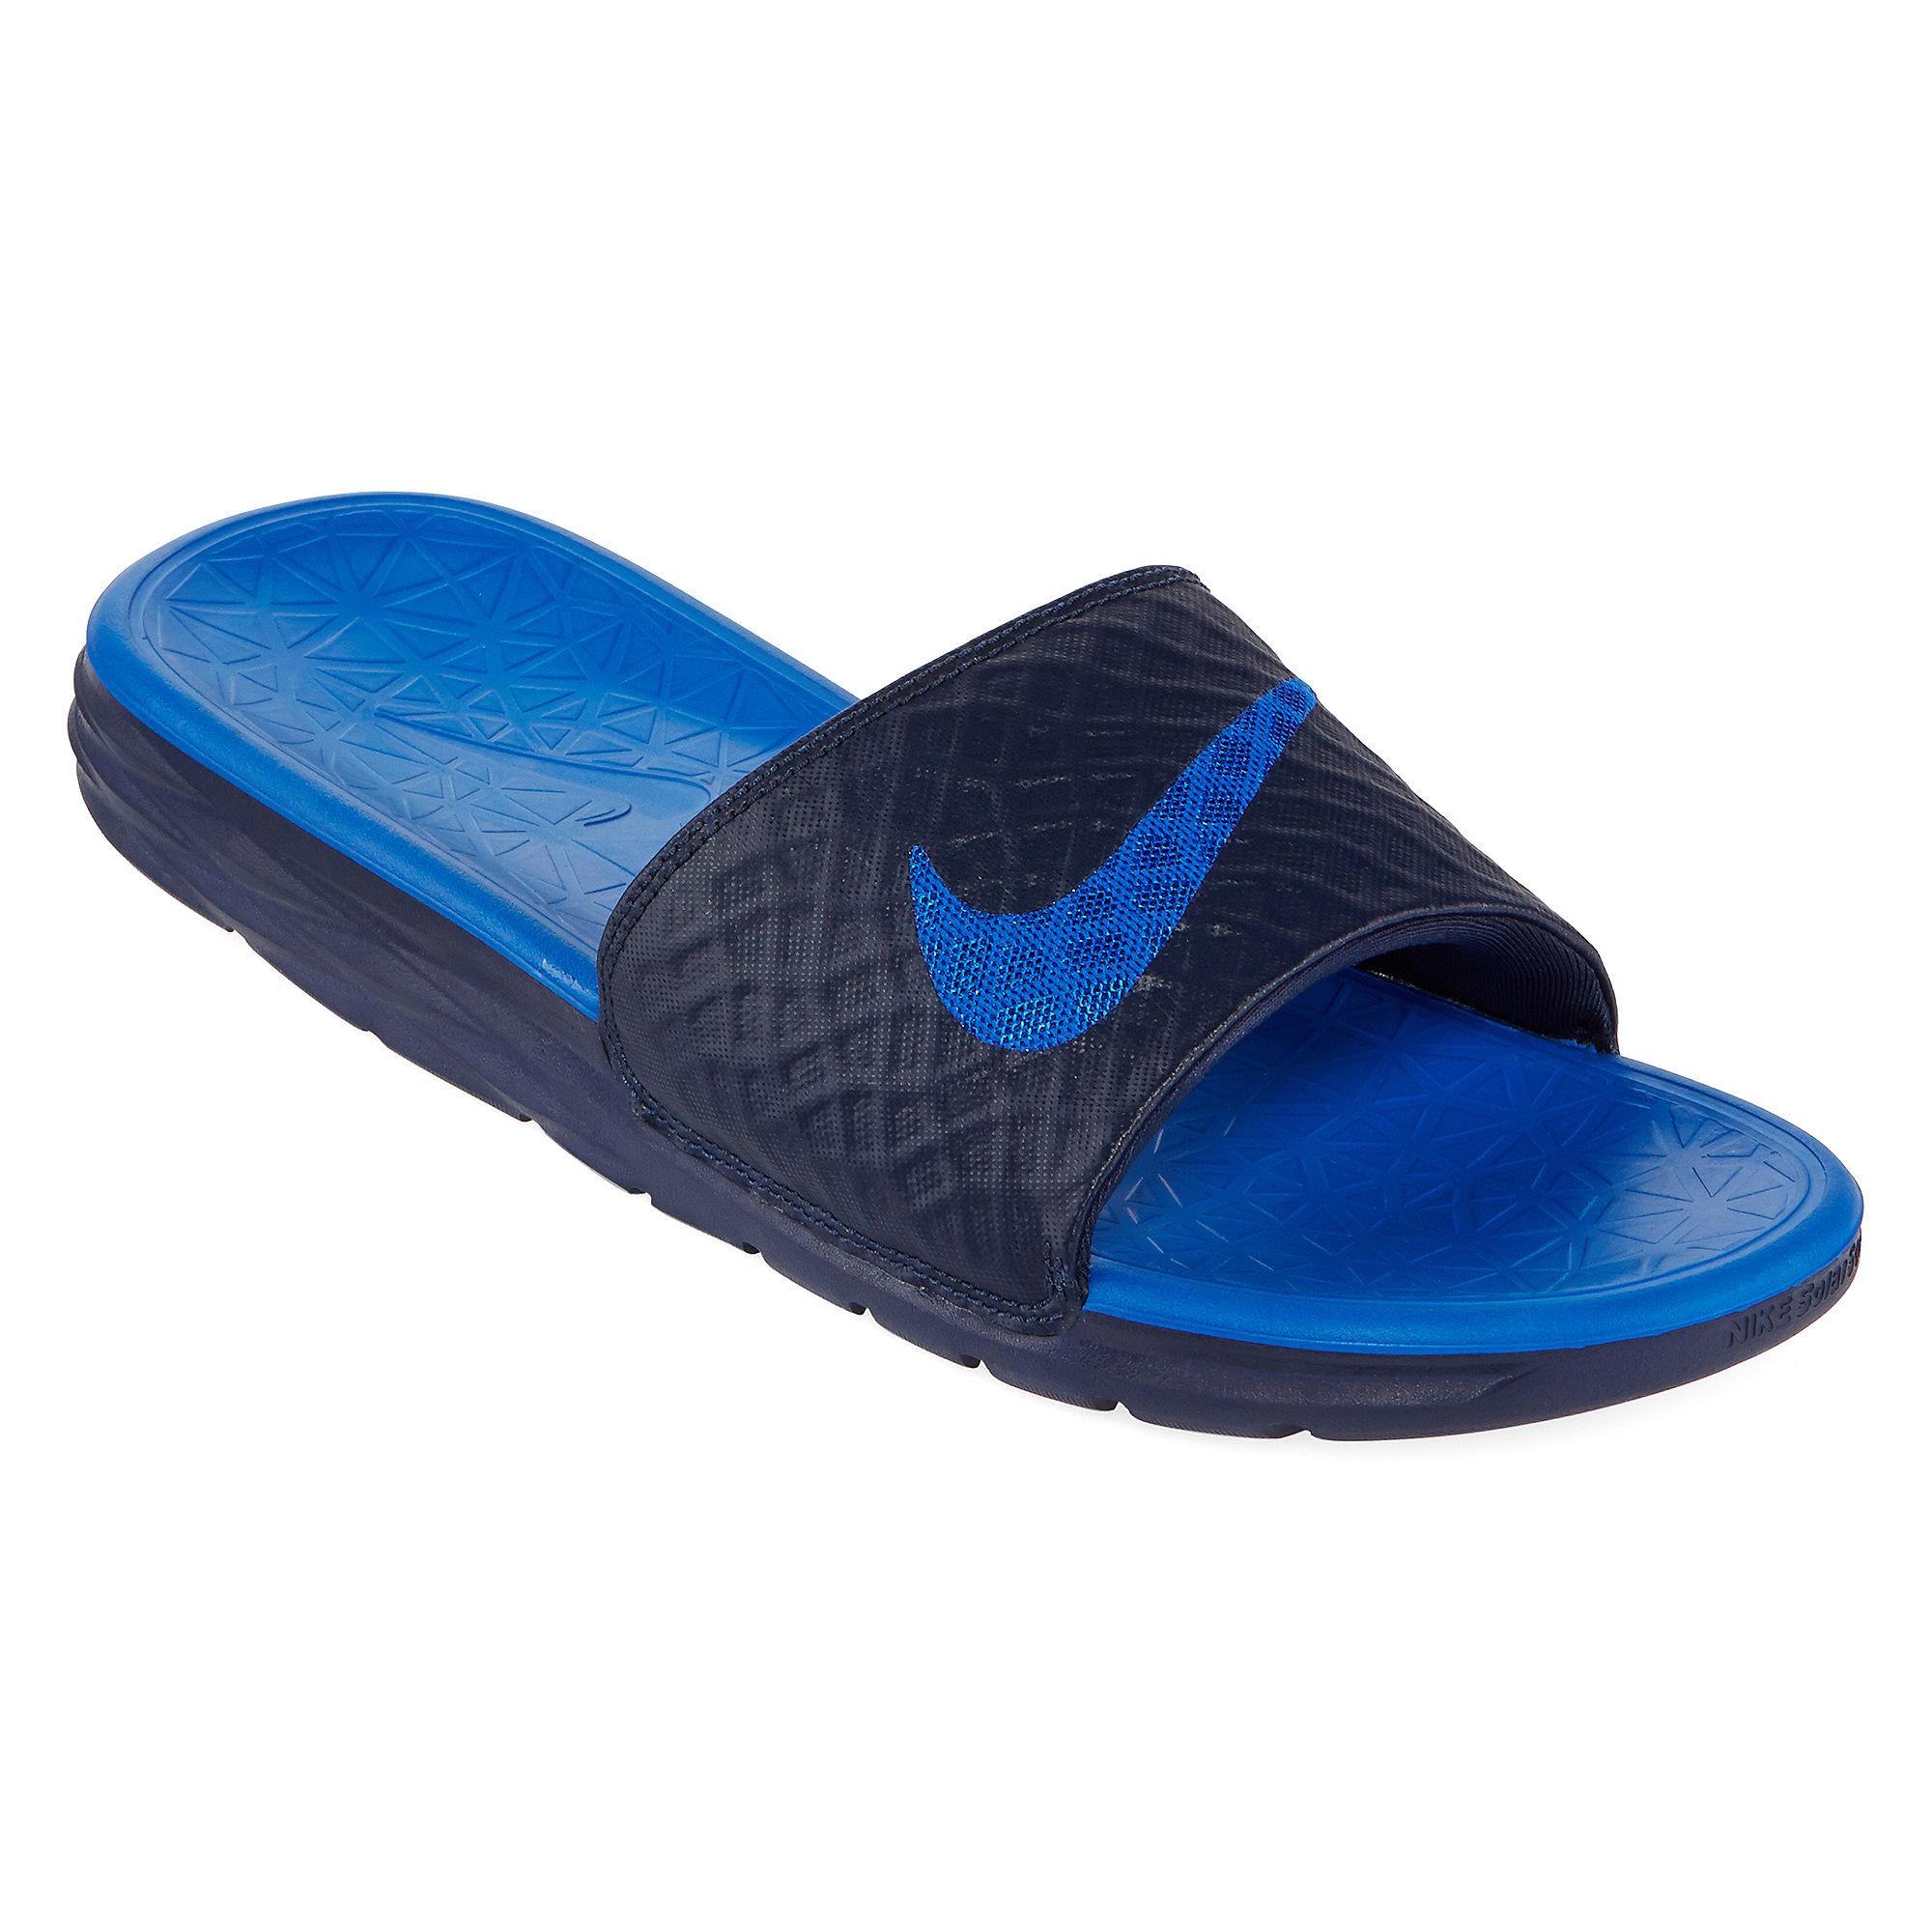 UPC 888408304421 product image for Nike Mens Benassi Solarsoft Slide 2  Slides (11) |